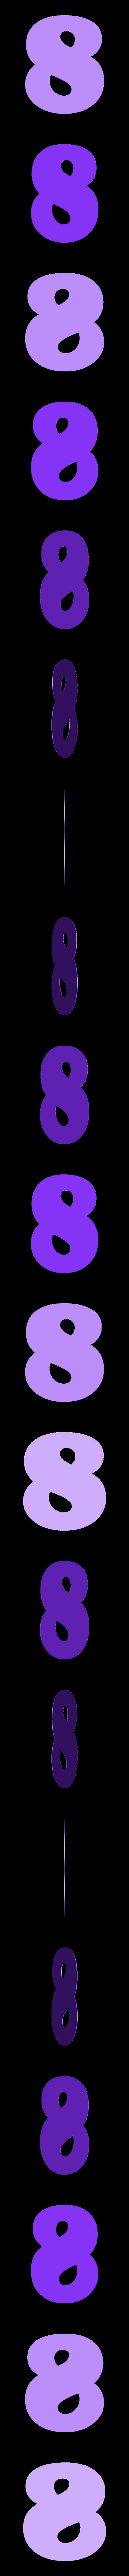 Number 8.stl Télécharger fichier STL Autocollants de bonne fête • Modèle pour impression 3D, abbymath